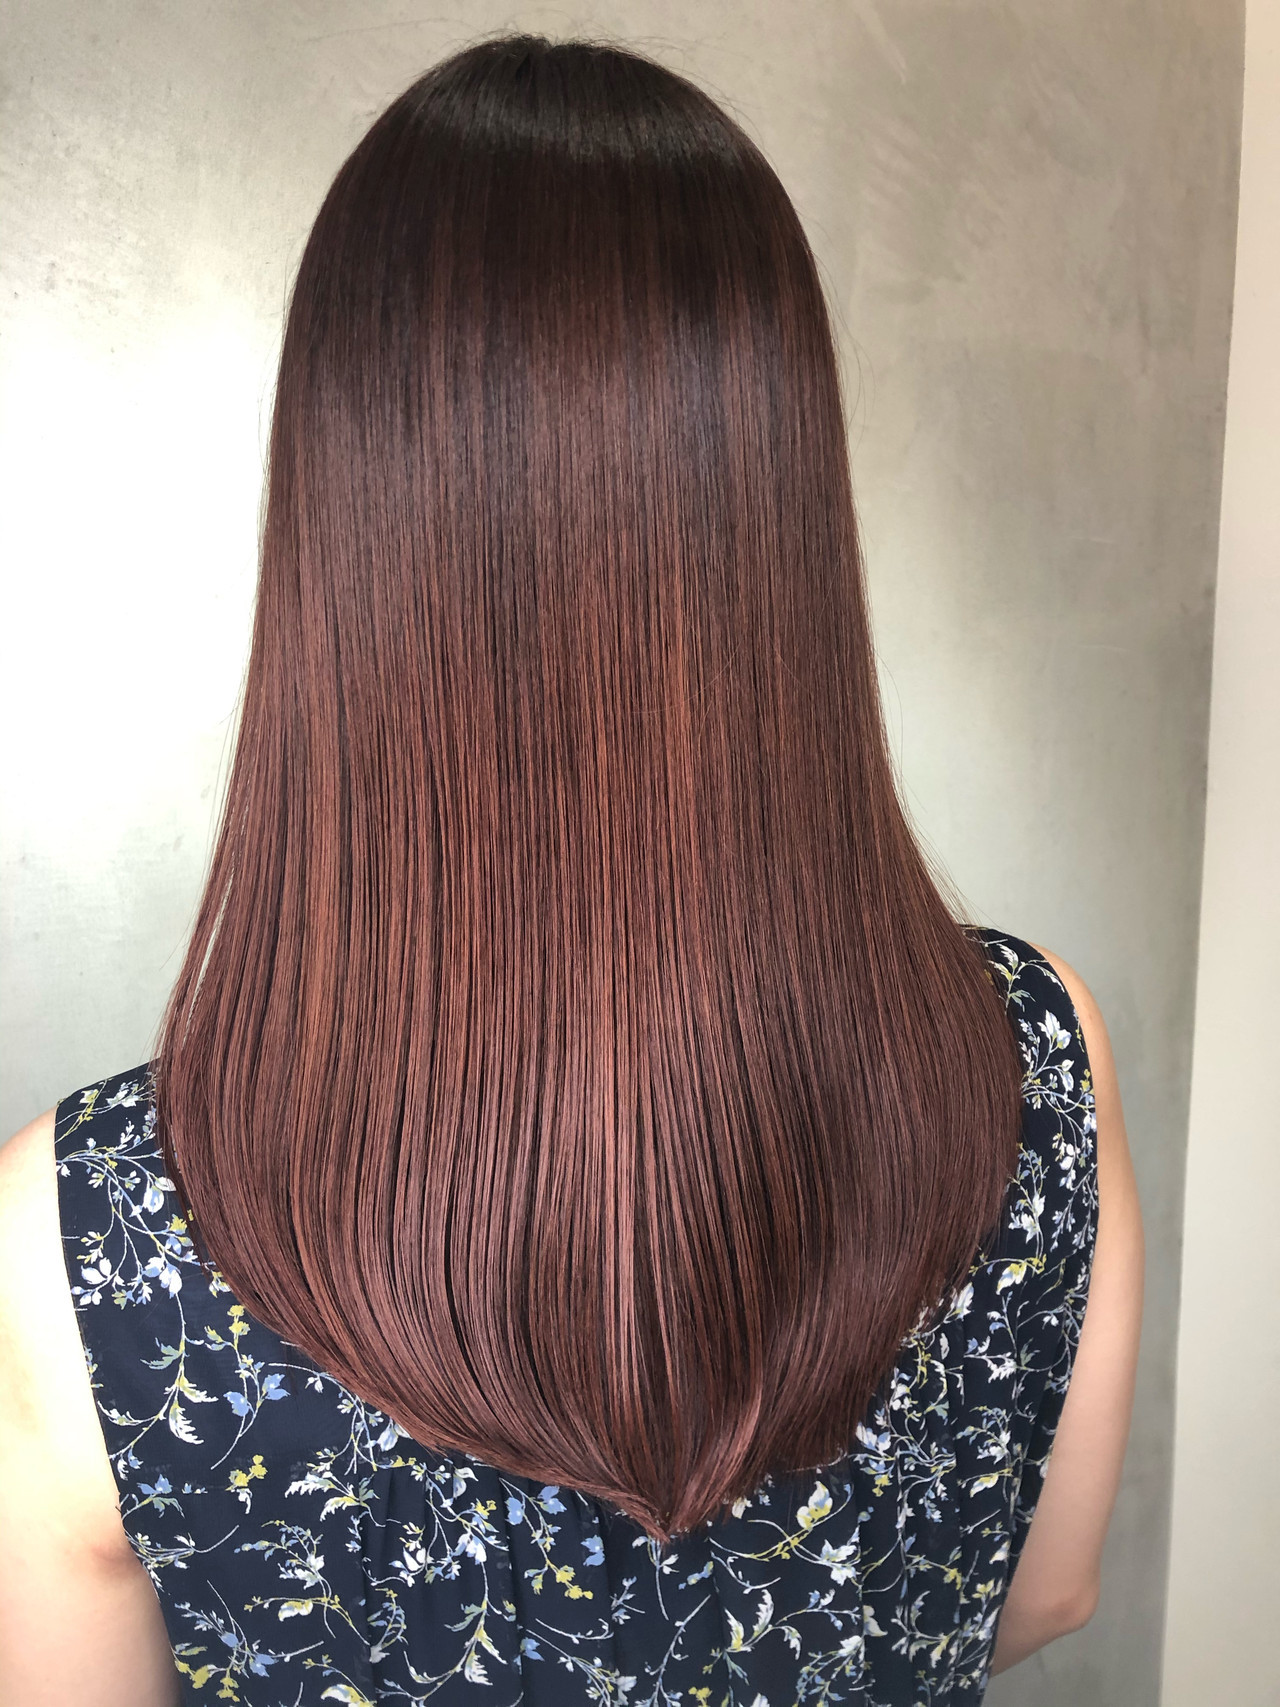 ラベンダーピンク ピンクベージュ ピンクアッシュ ロング ヘアスタイルや髪型の写真・画像